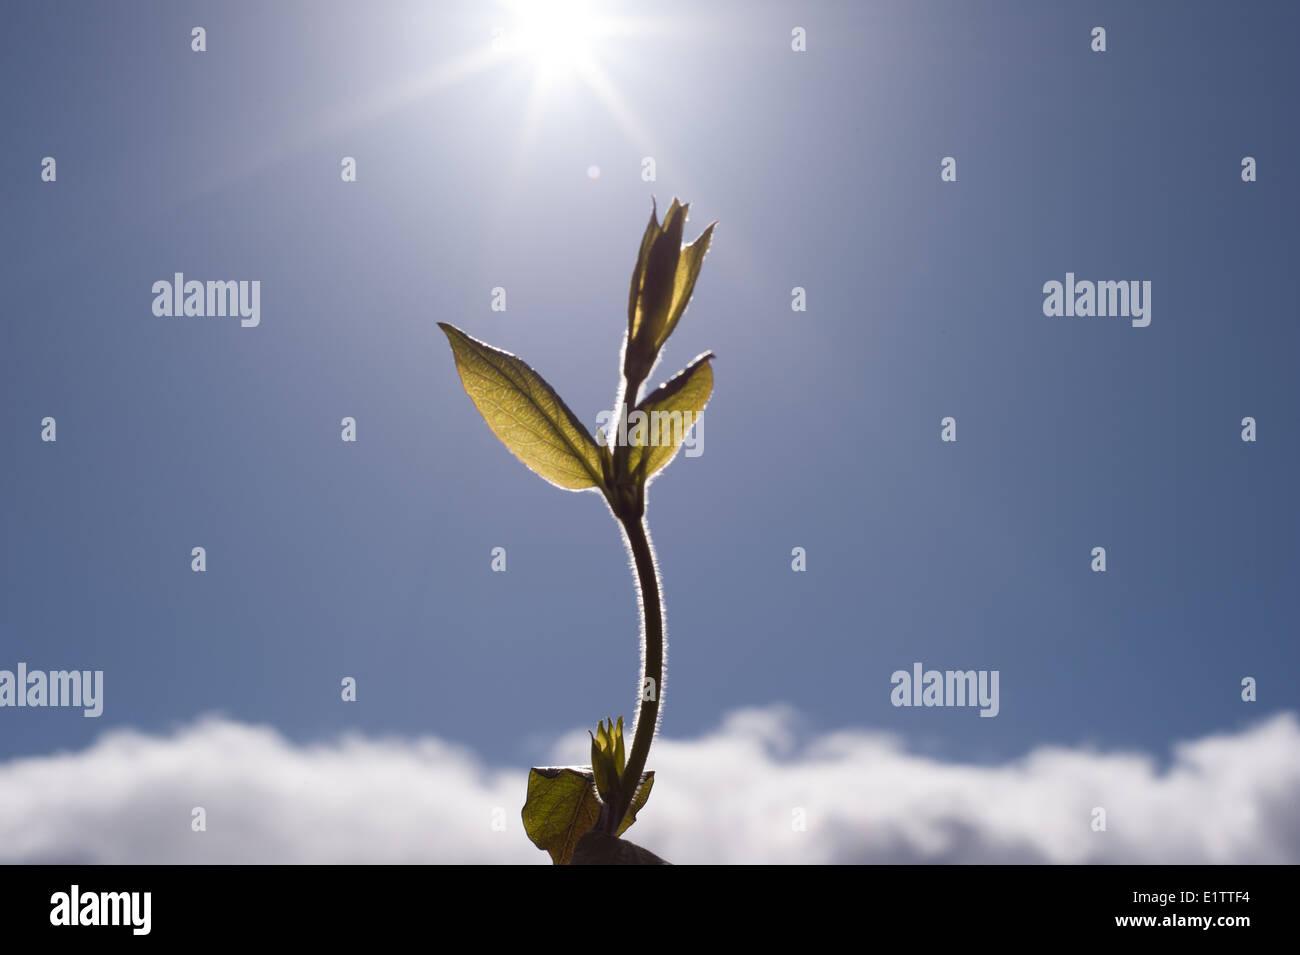 La crescita di un alberello fino a raggiungere il sole Immagini Stock